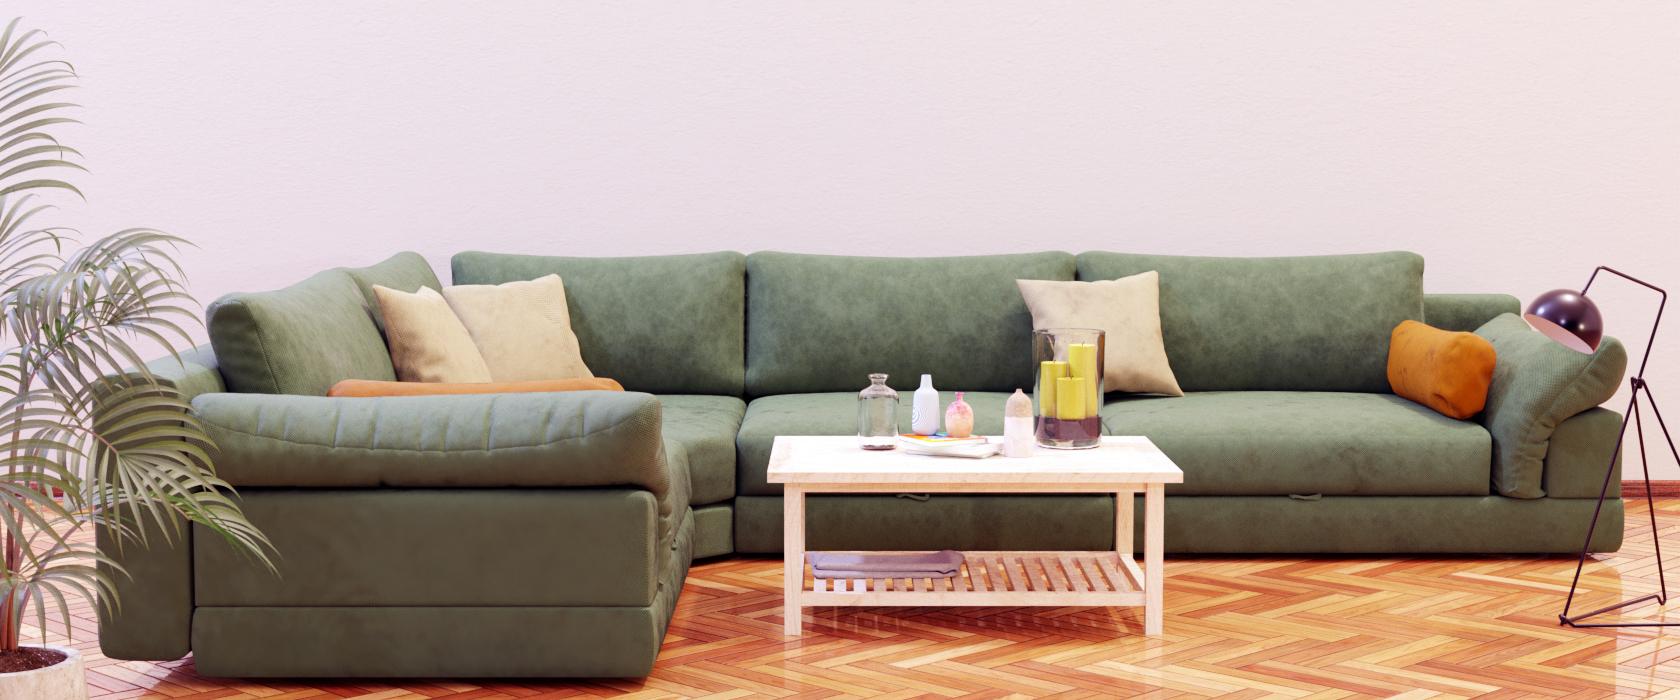 Модульный диван Claudia 355x255 - Фото 2 - Pufetto